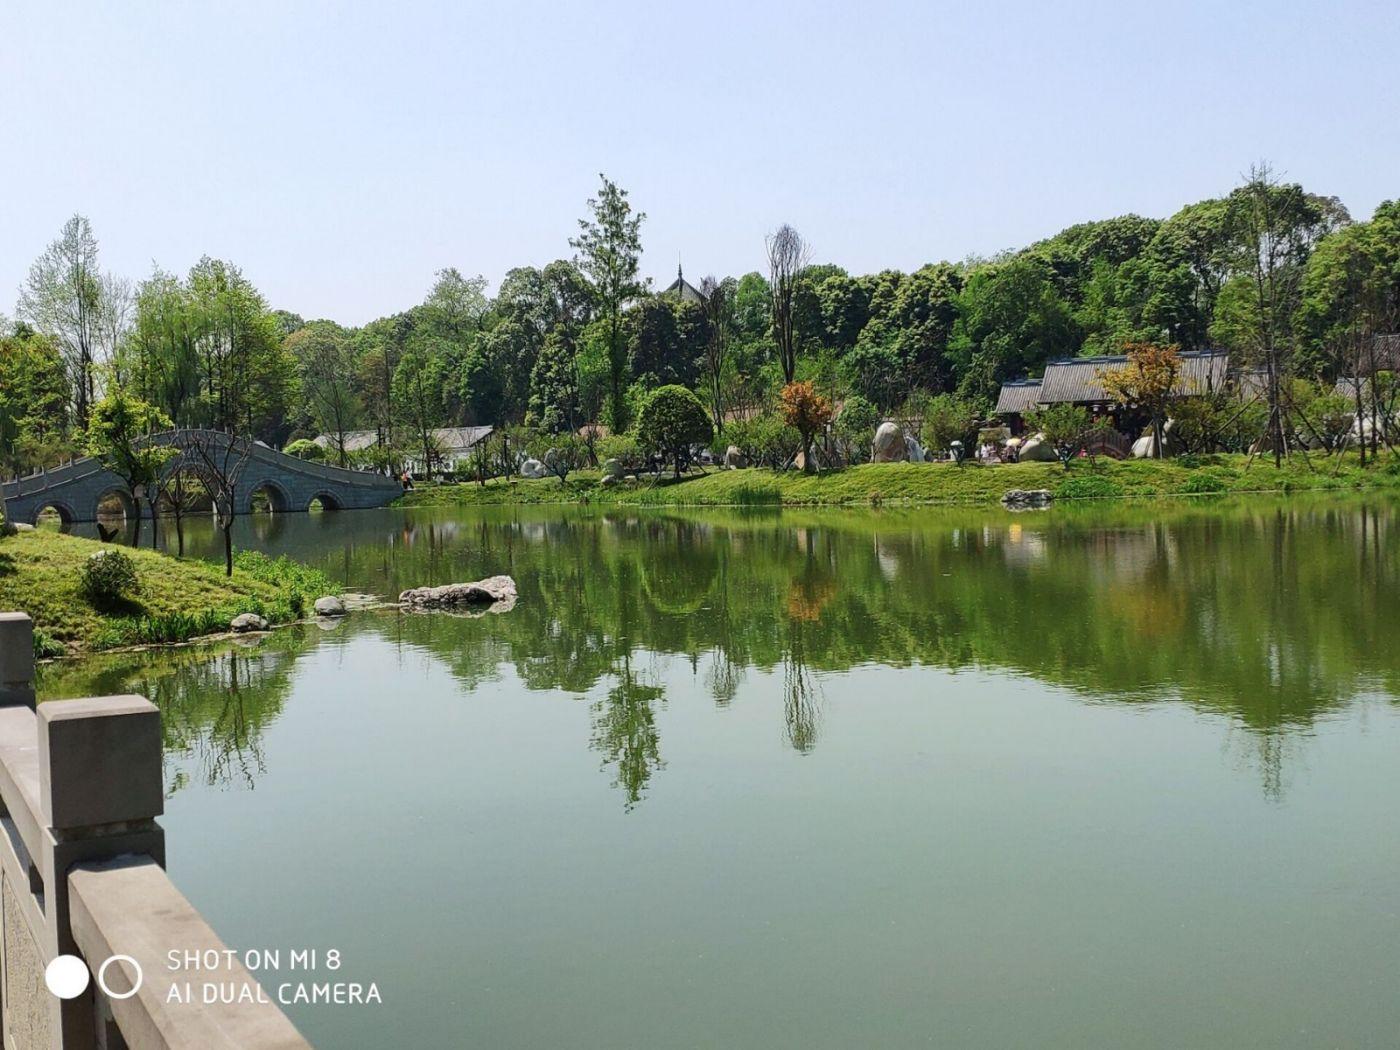 杜甫草堂2与涴花溪公园_图1-16